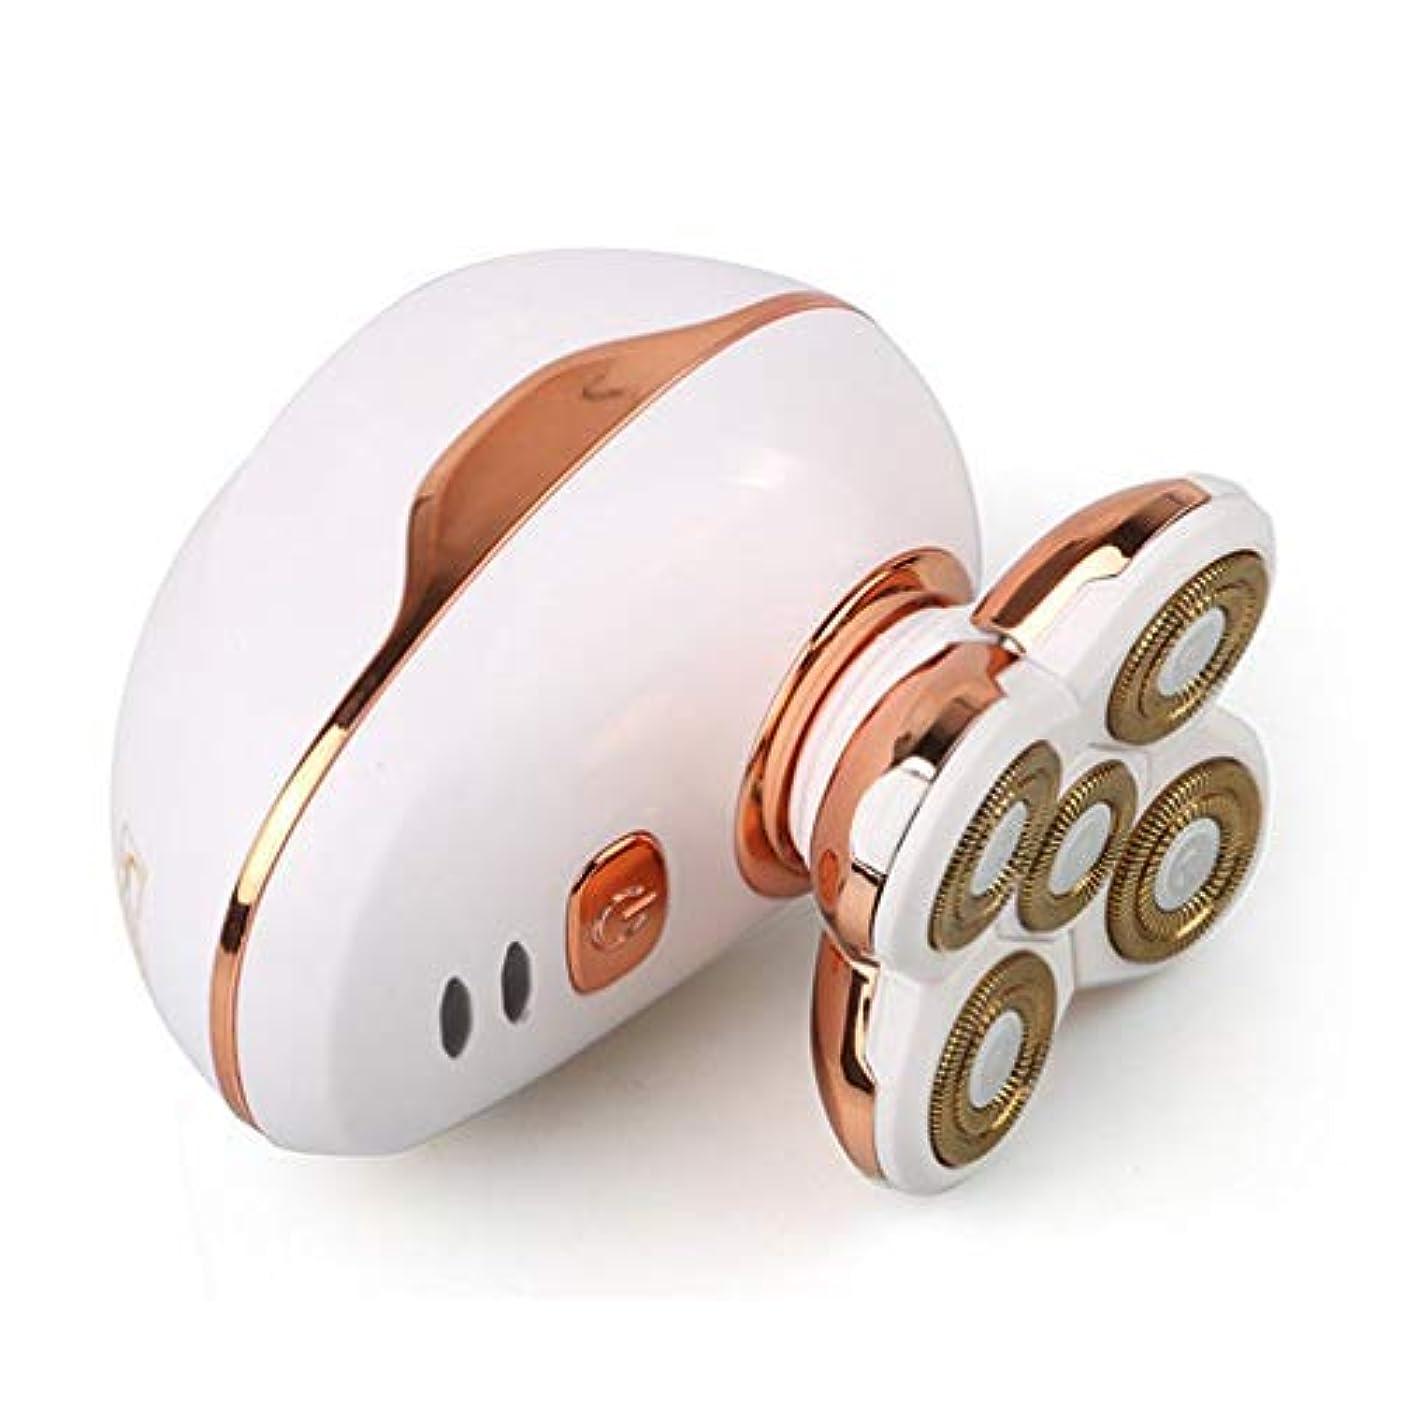 破壊的潜水艦独立して耐久性のある一般的な5頭防水シェービング刃カミソリ電気シェーバー用USB充電式ウェットドライポータブル